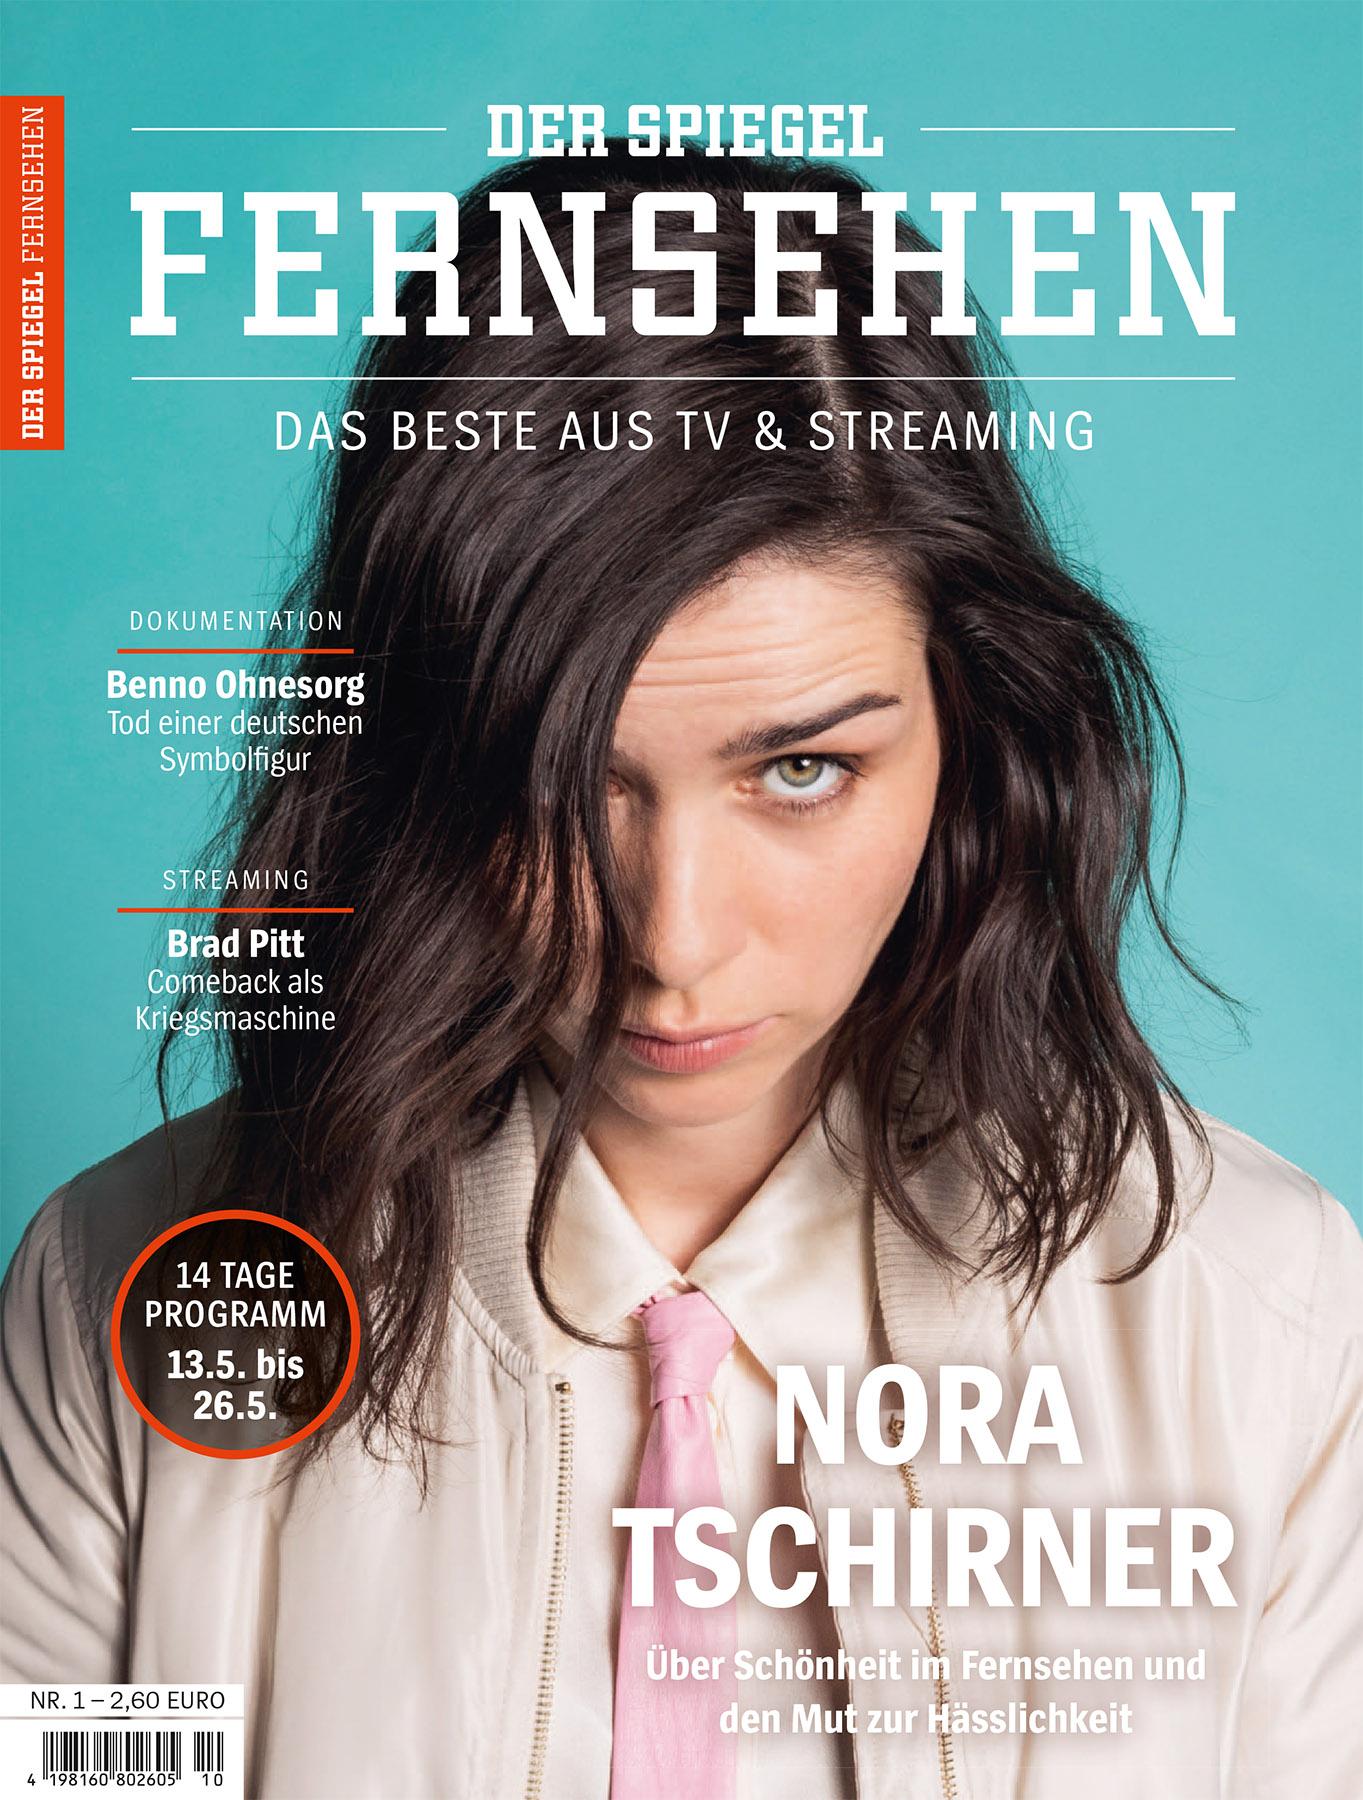 Nora Tschirner, Cover Spiegel Fernsehen